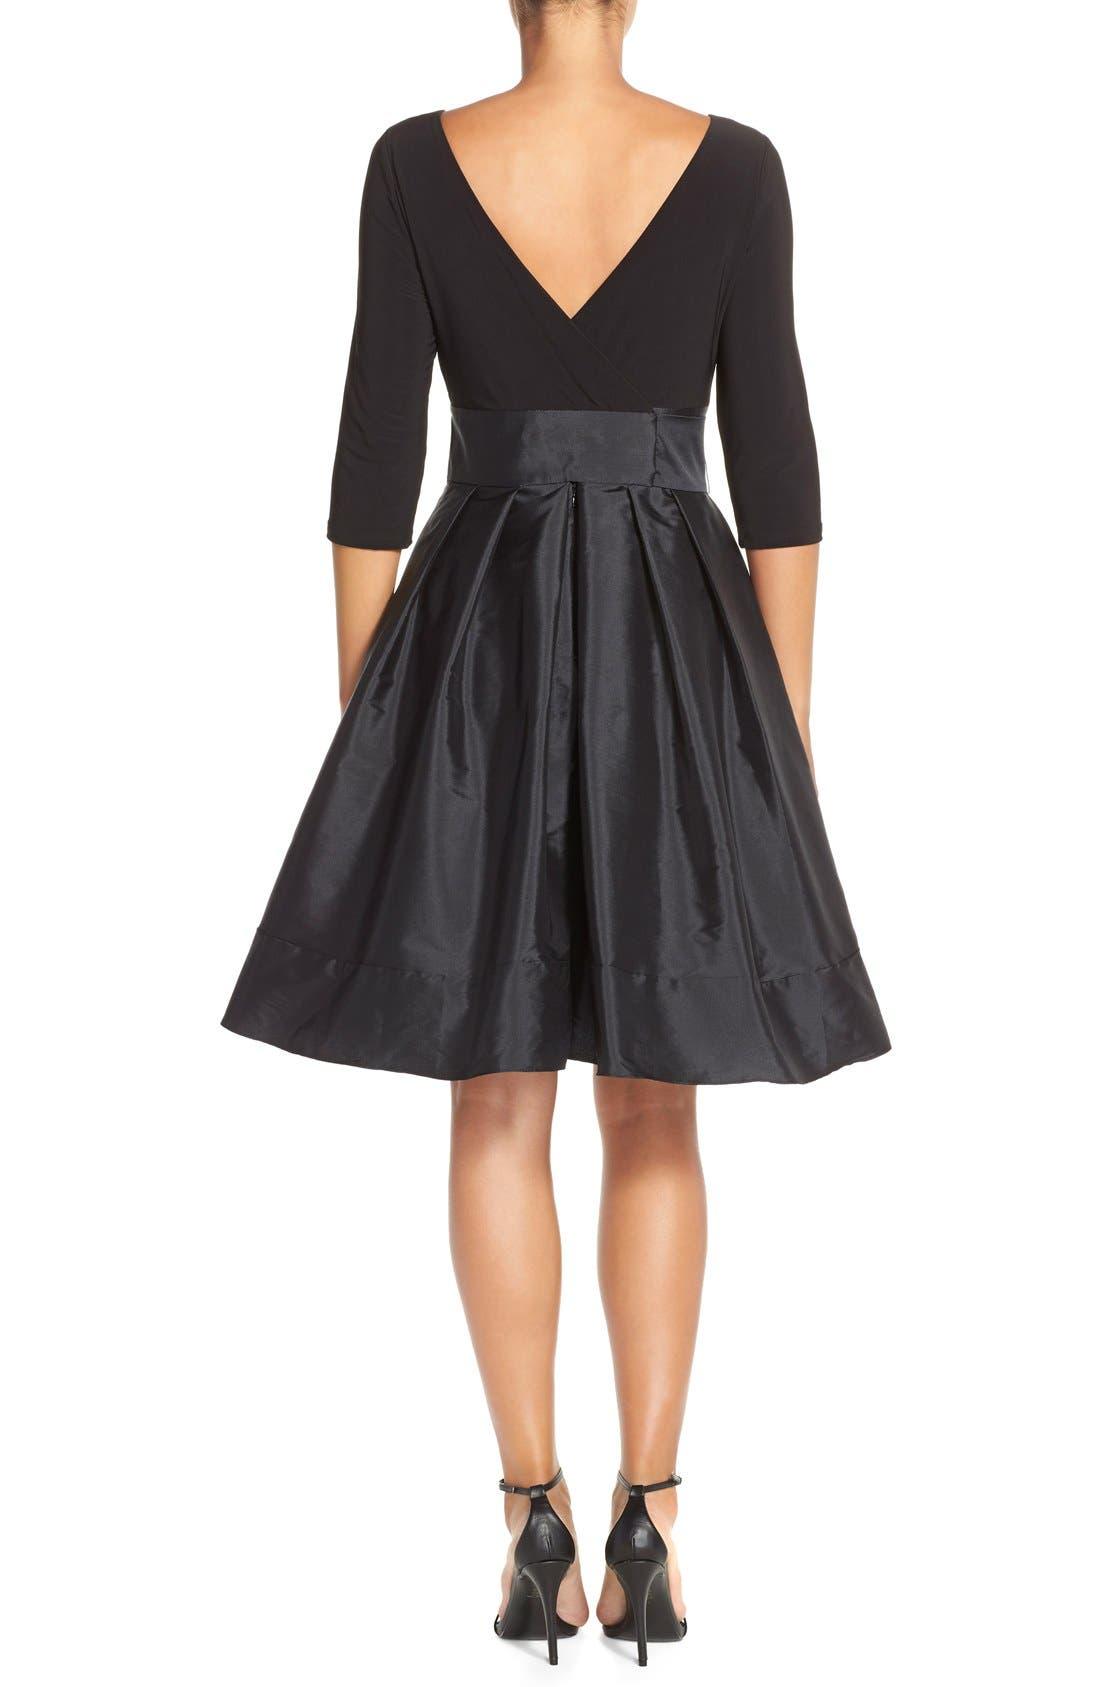 Alternate Image 2  - Adrianna PapellBow Taffeta Fit & Flare Dress (Regular & Petite)